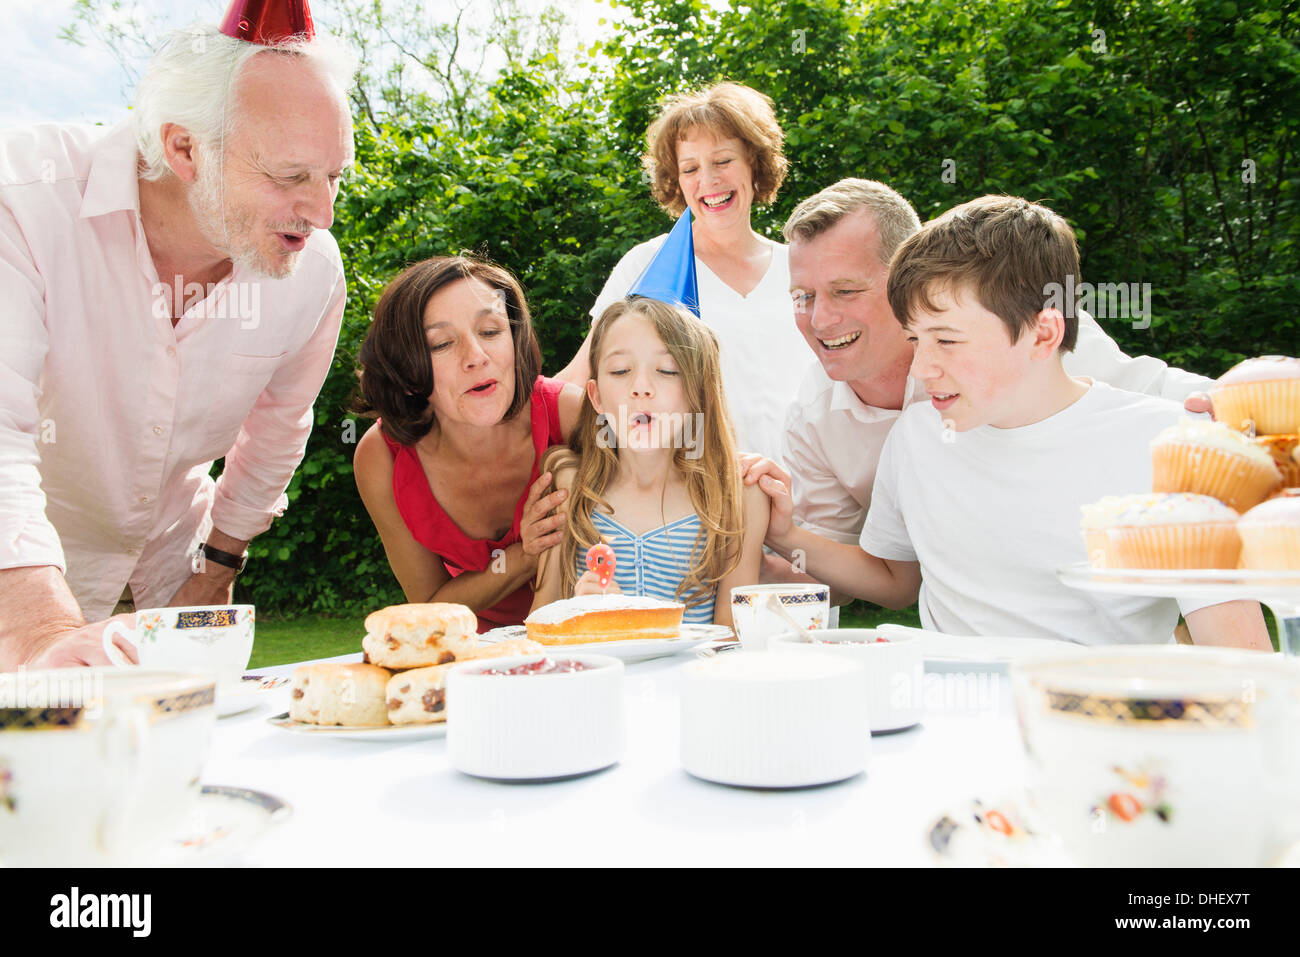 Familia celebrando el cumpleaños de chica Imagen De Stock